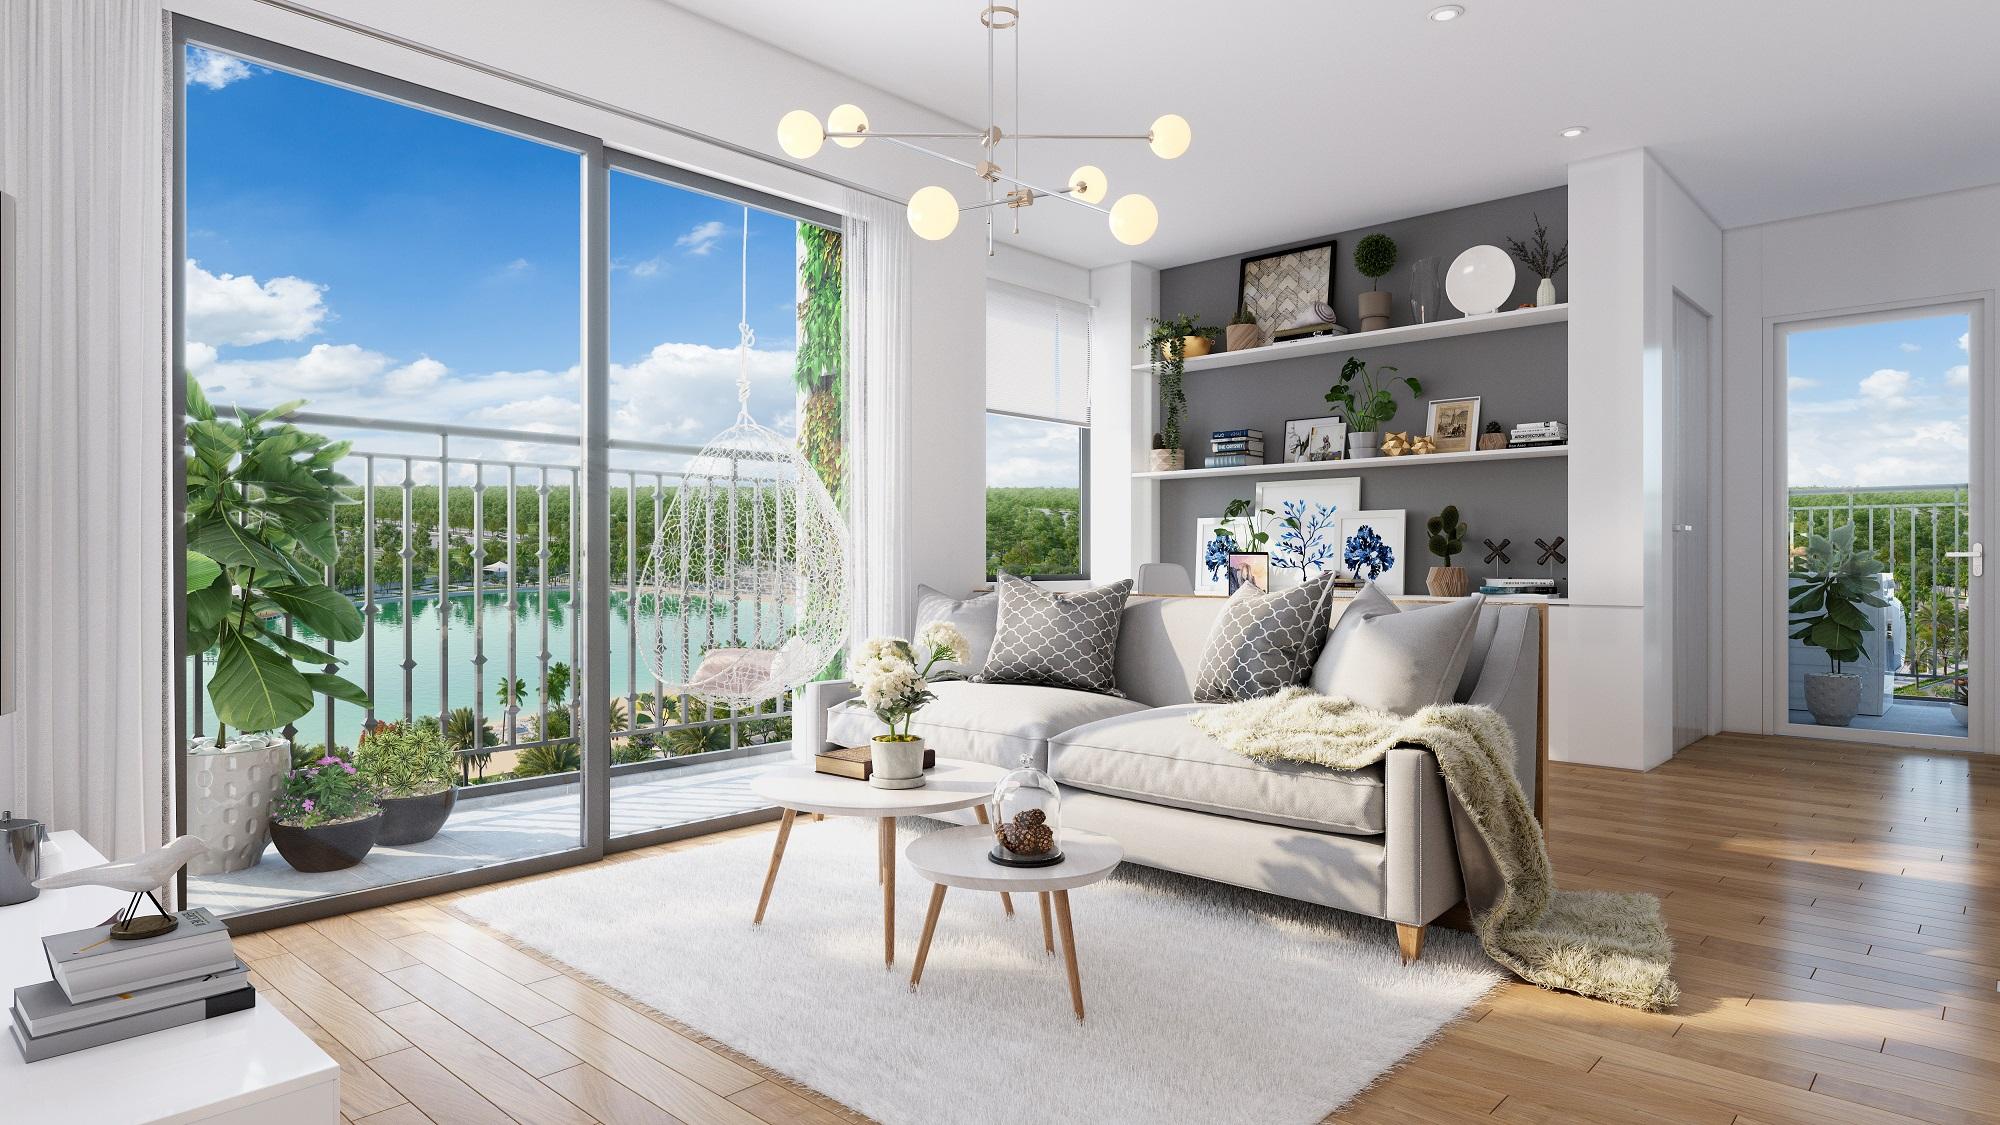 Phong cách thiết kế căn hộ theo kiểu Tây Âu với không gian mở